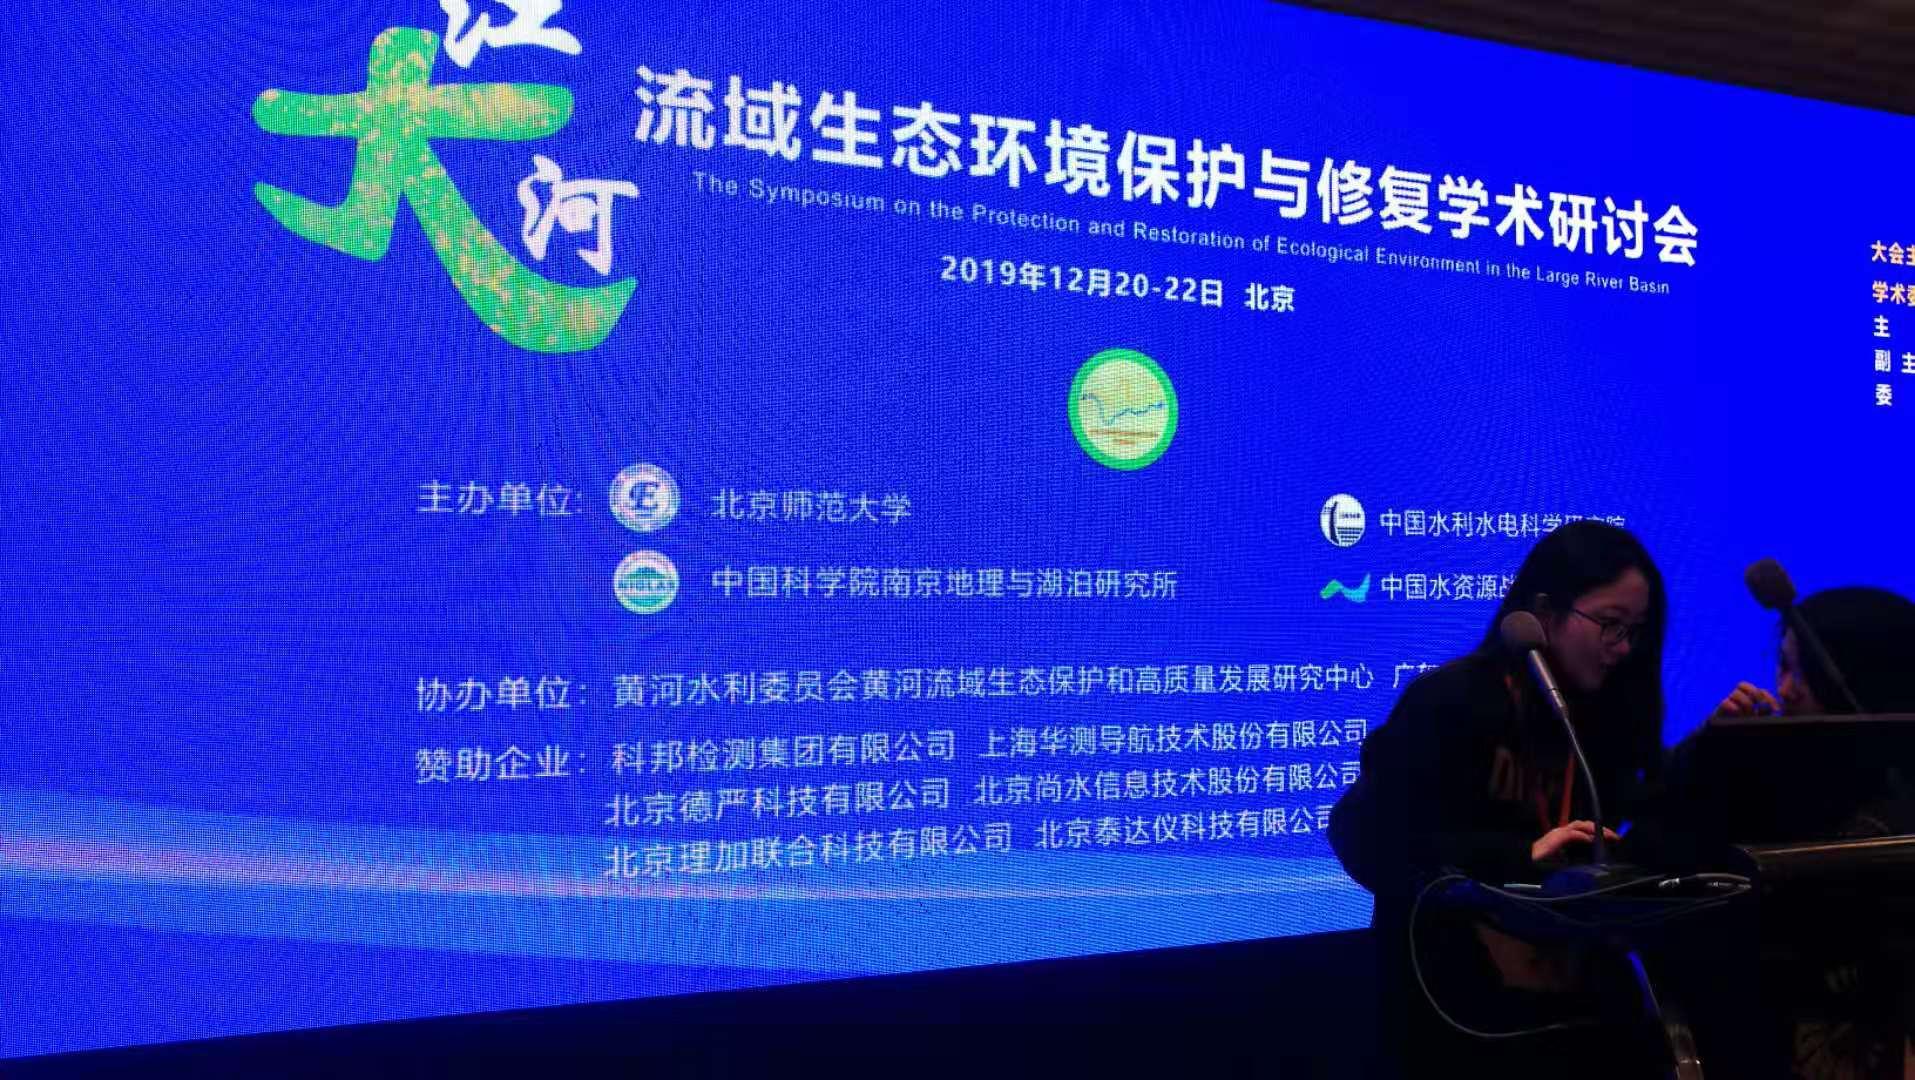 """泰达仪赞助首届""""大江大河流域生态环境保护与修复学术研讨会"""""""